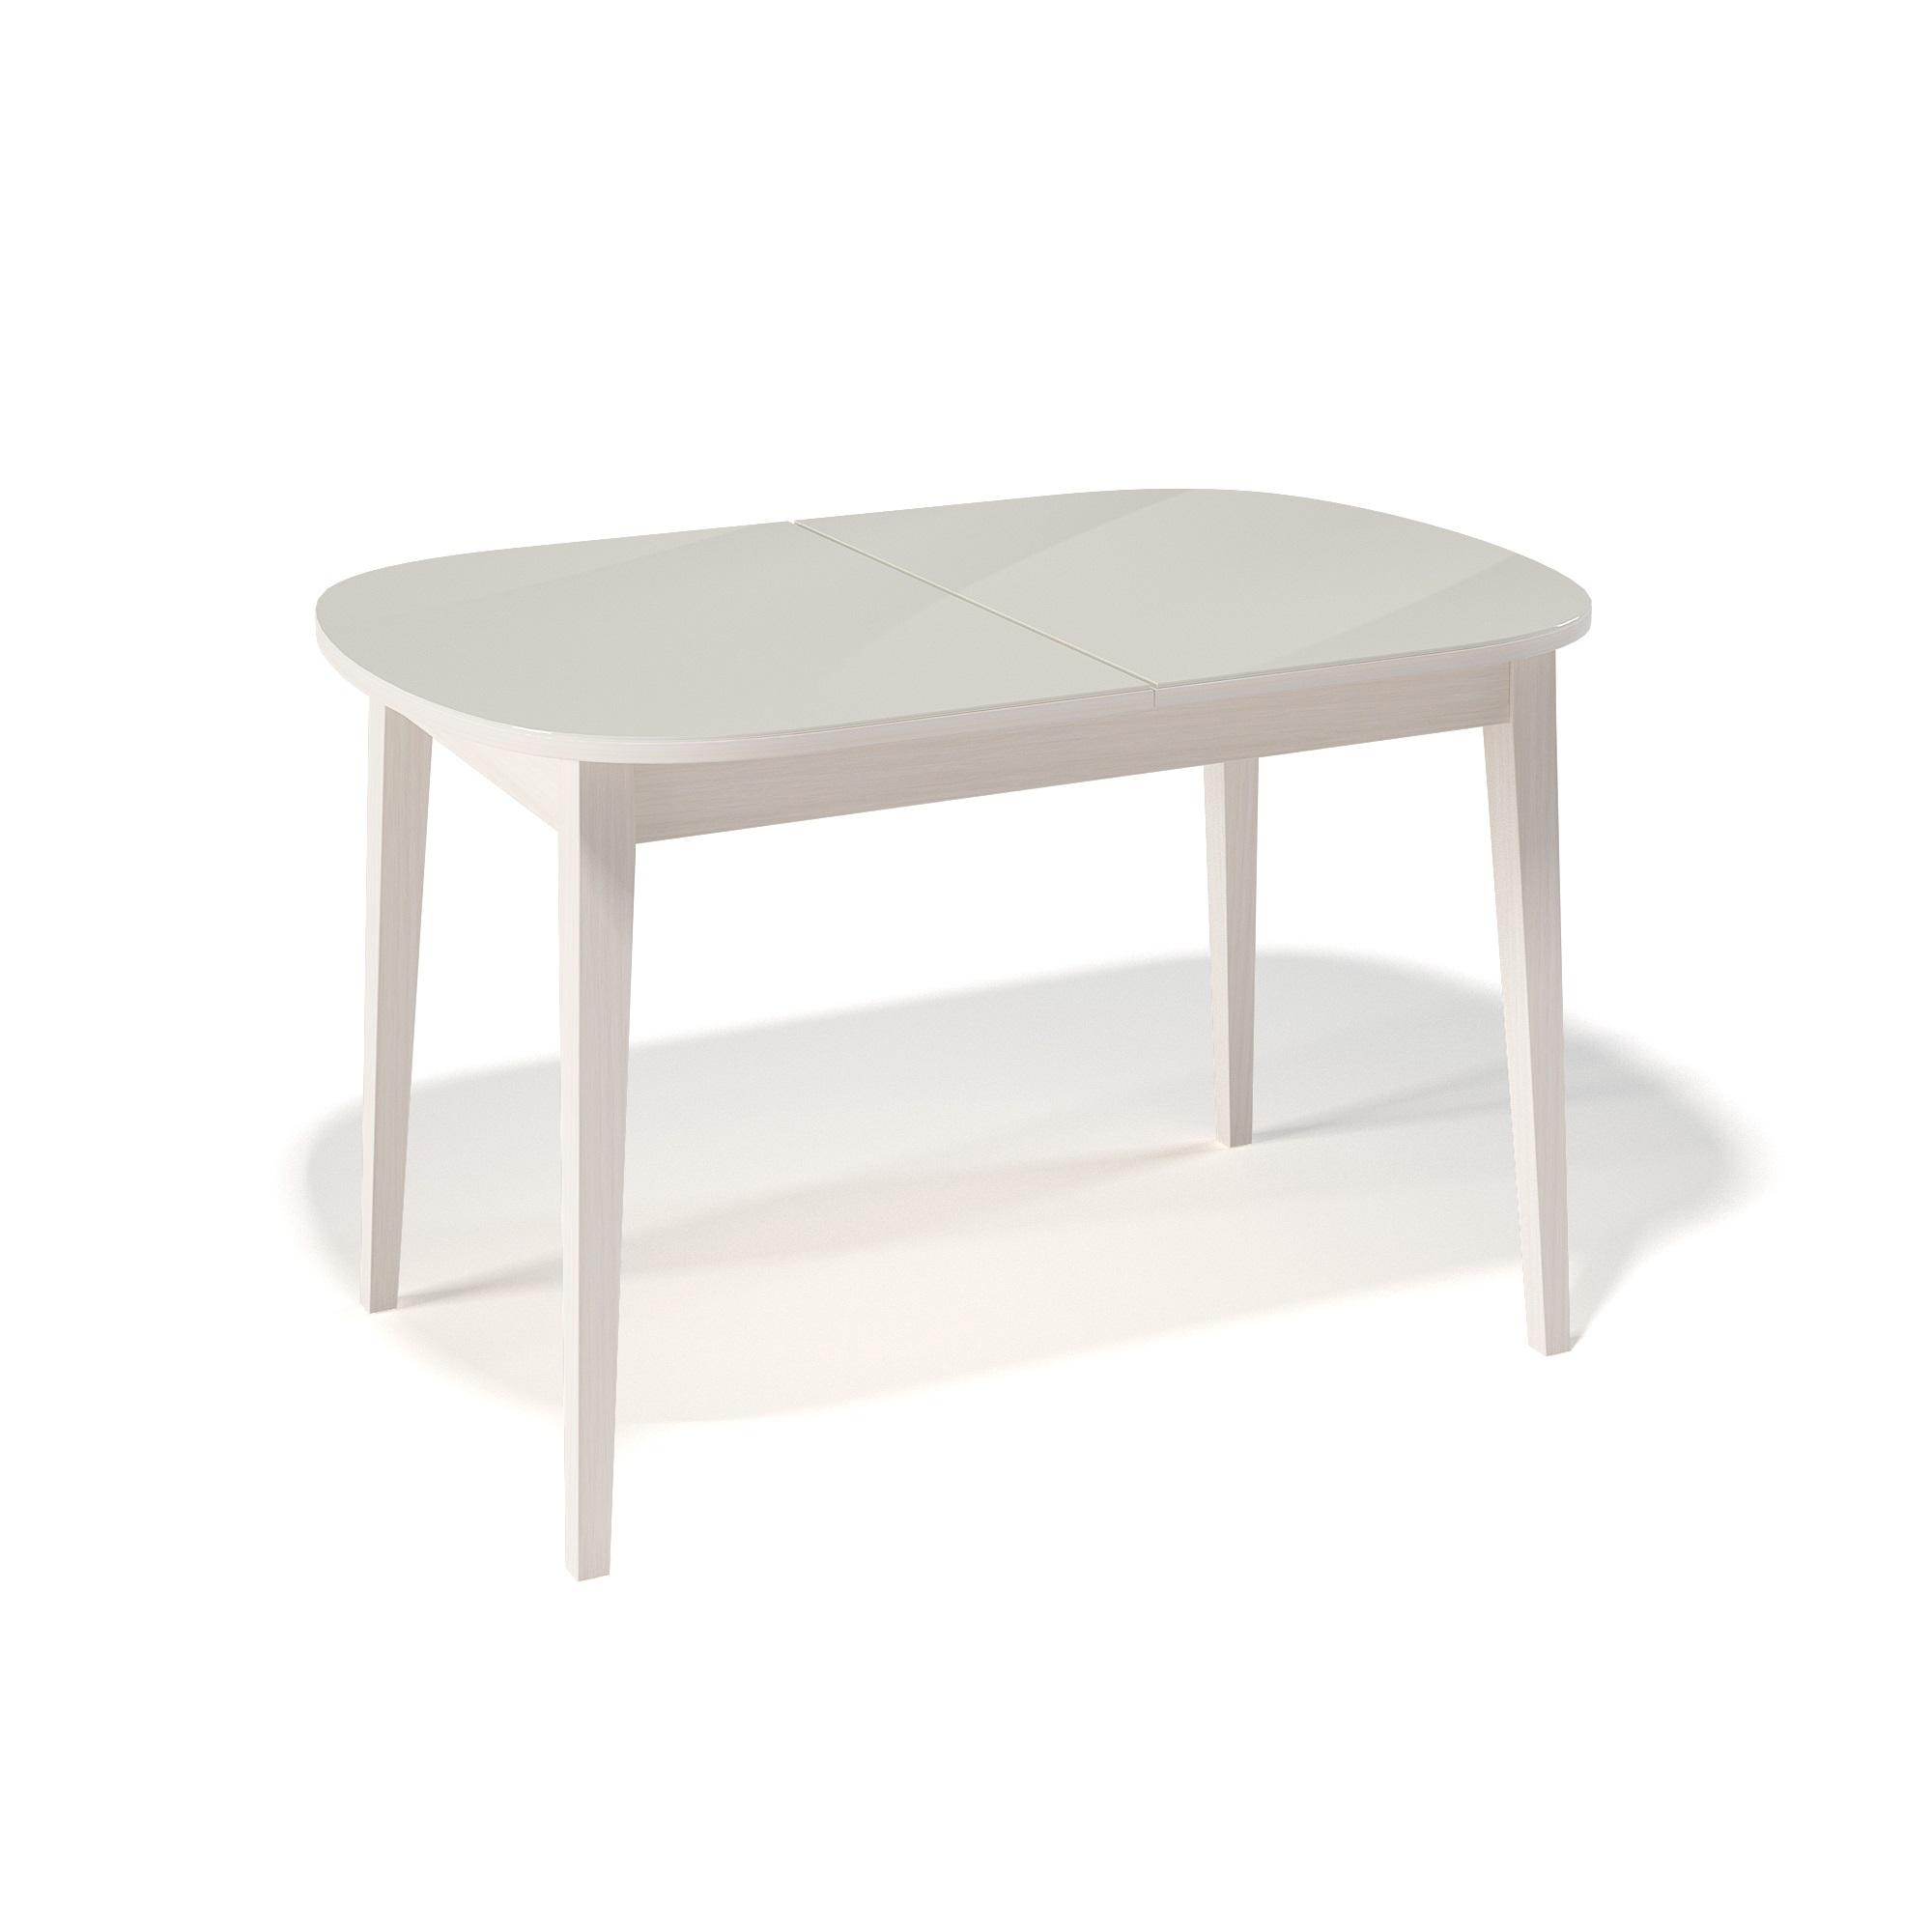 Стол обеденный KennerОбеденные столы<br>Ножки стола выполнены из массива бука, столешница - ДСП+стекло 4мм.&amp;amp;nbsp;&amp;lt;div&amp;gt;Механизм раскладки: синхронный, легкого скольжения.&amp;amp;nbsp;&amp;lt;/div&amp;gt;&amp;lt;div&amp;gt;На ножках установлены регулировочные винты.&amp;amp;nbsp;&amp;lt;/div&amp;gt;&amp;lt;div&amp;gt;Фурнитура в комплекте.&amp;amp;nbsp;&amp;lt;/div&amp;gt;&amp;lt;div&amp;gt;Стол раскладной,вставка &amp;quot;бабочка&amp;quot; со стеклом.&amp;amp;nbsp;&amp;lt;/div&amp;gt;&amp;lt;div&amp;gt;Размер столешницы в разложенном виде: 170х75 см. &amp;lt;/div&amp;gt;<br><br>Material: Дерево<br>Ширина см: 130<br>Высота см: 75<br>Глубина см: 80